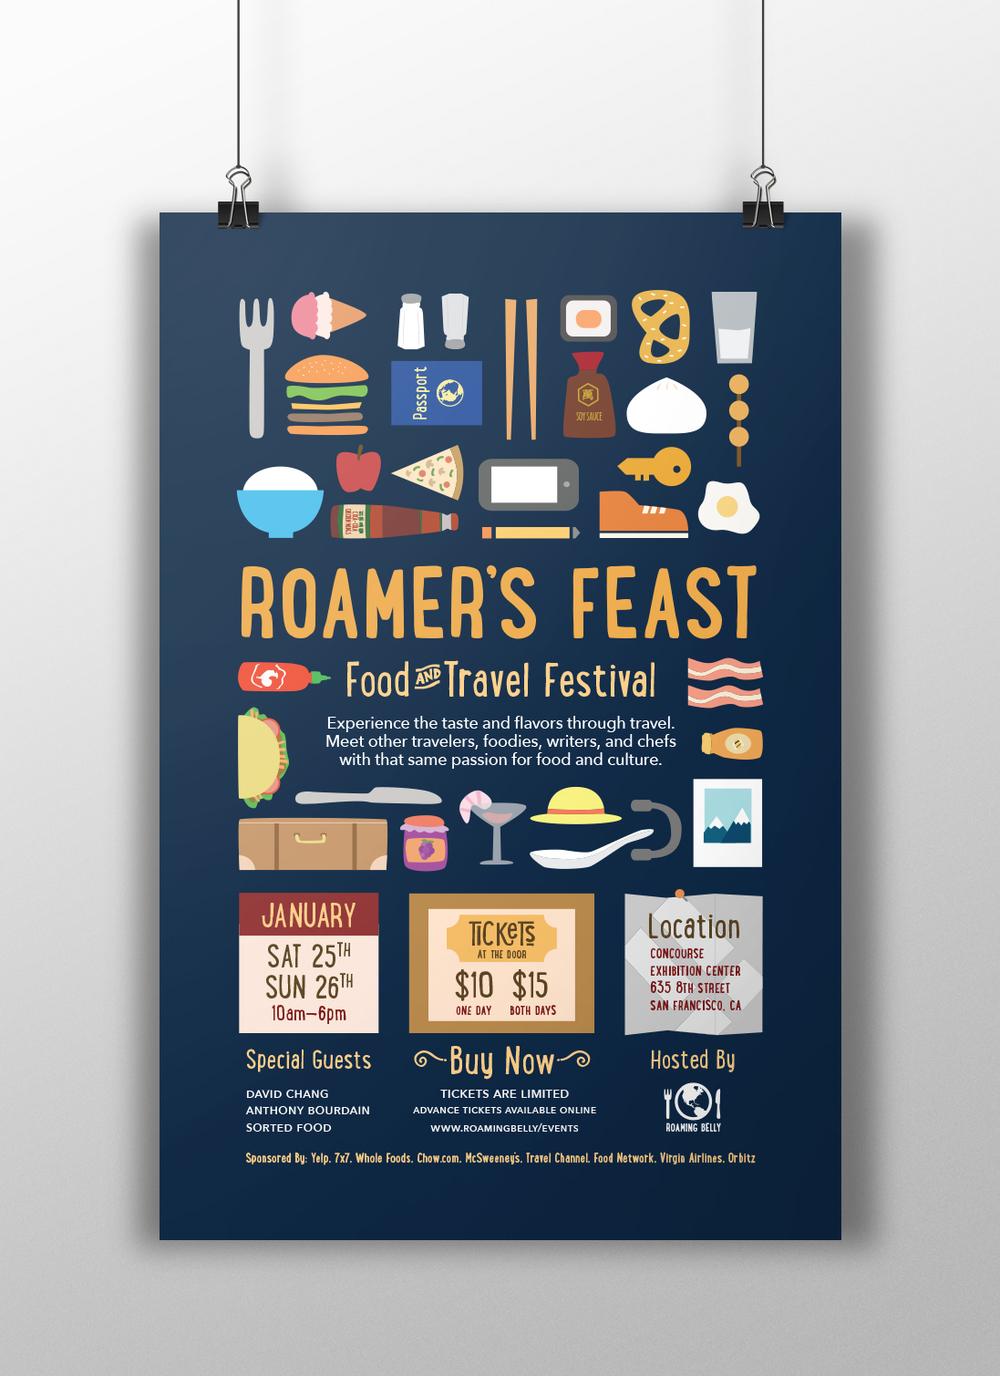 poster_final_roamer's_feast.jpg